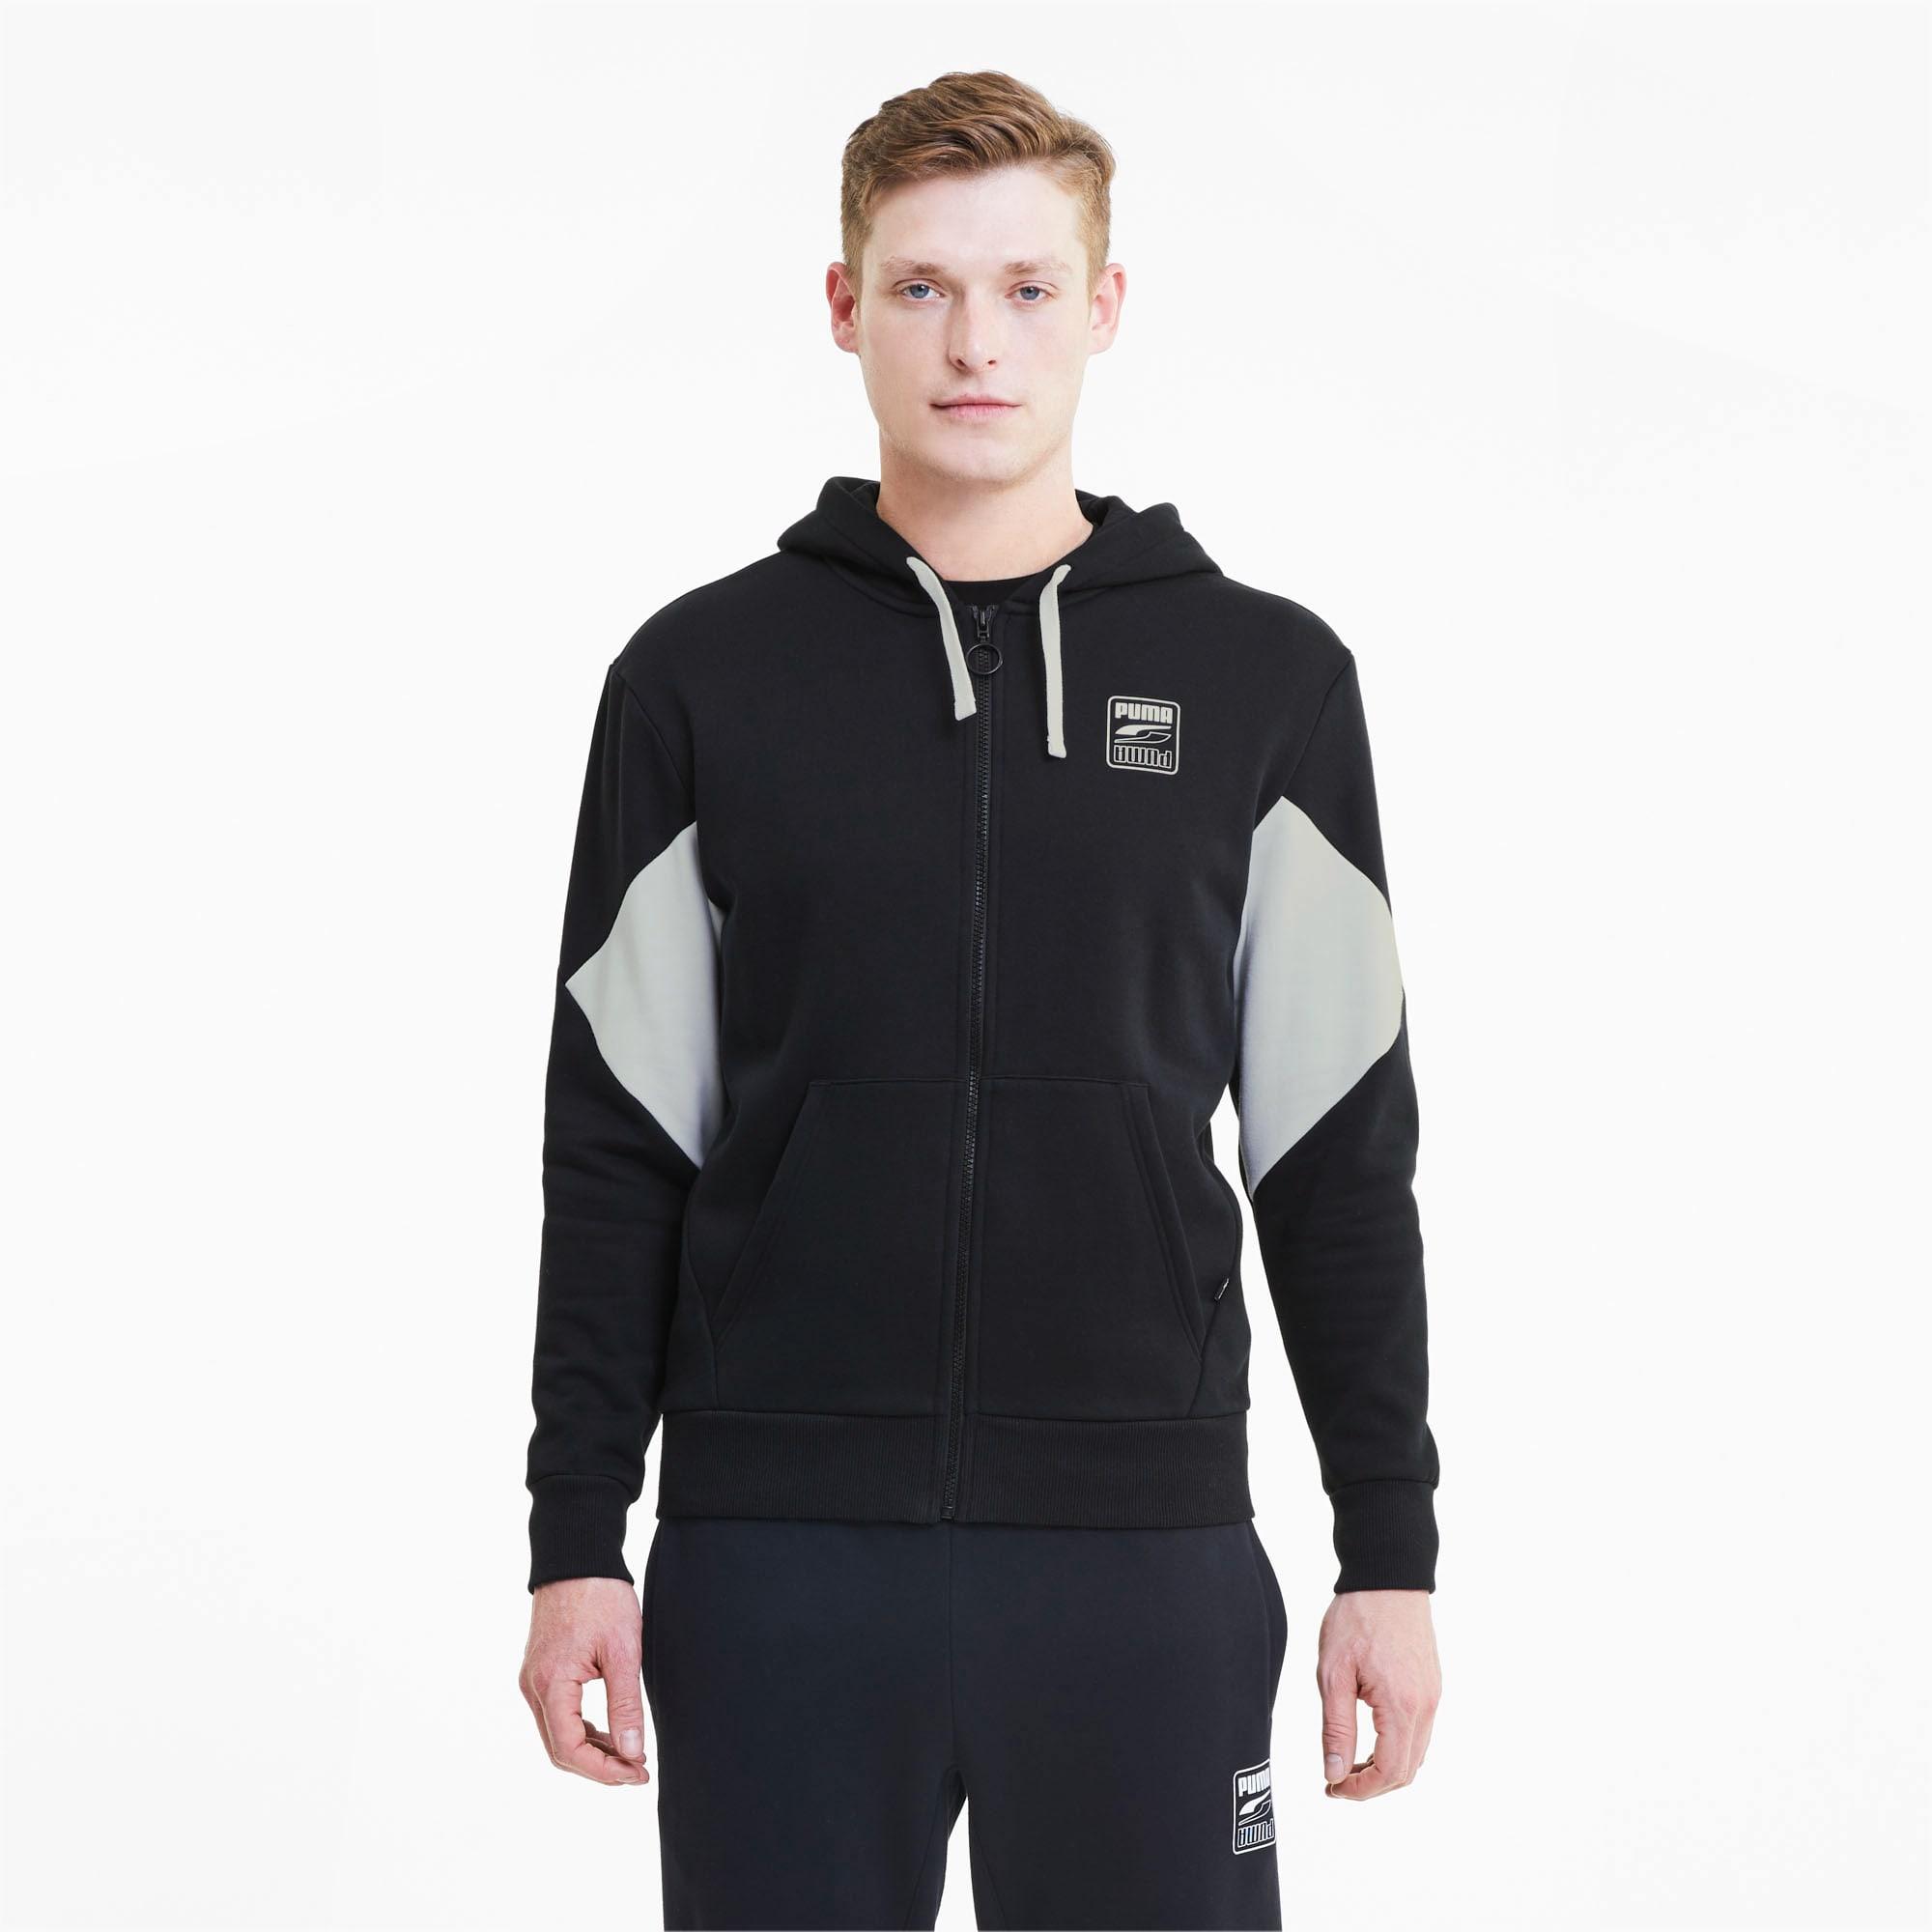 blouson en sweat rebel avec capuche pour homme, noir, taille xs, vêtements